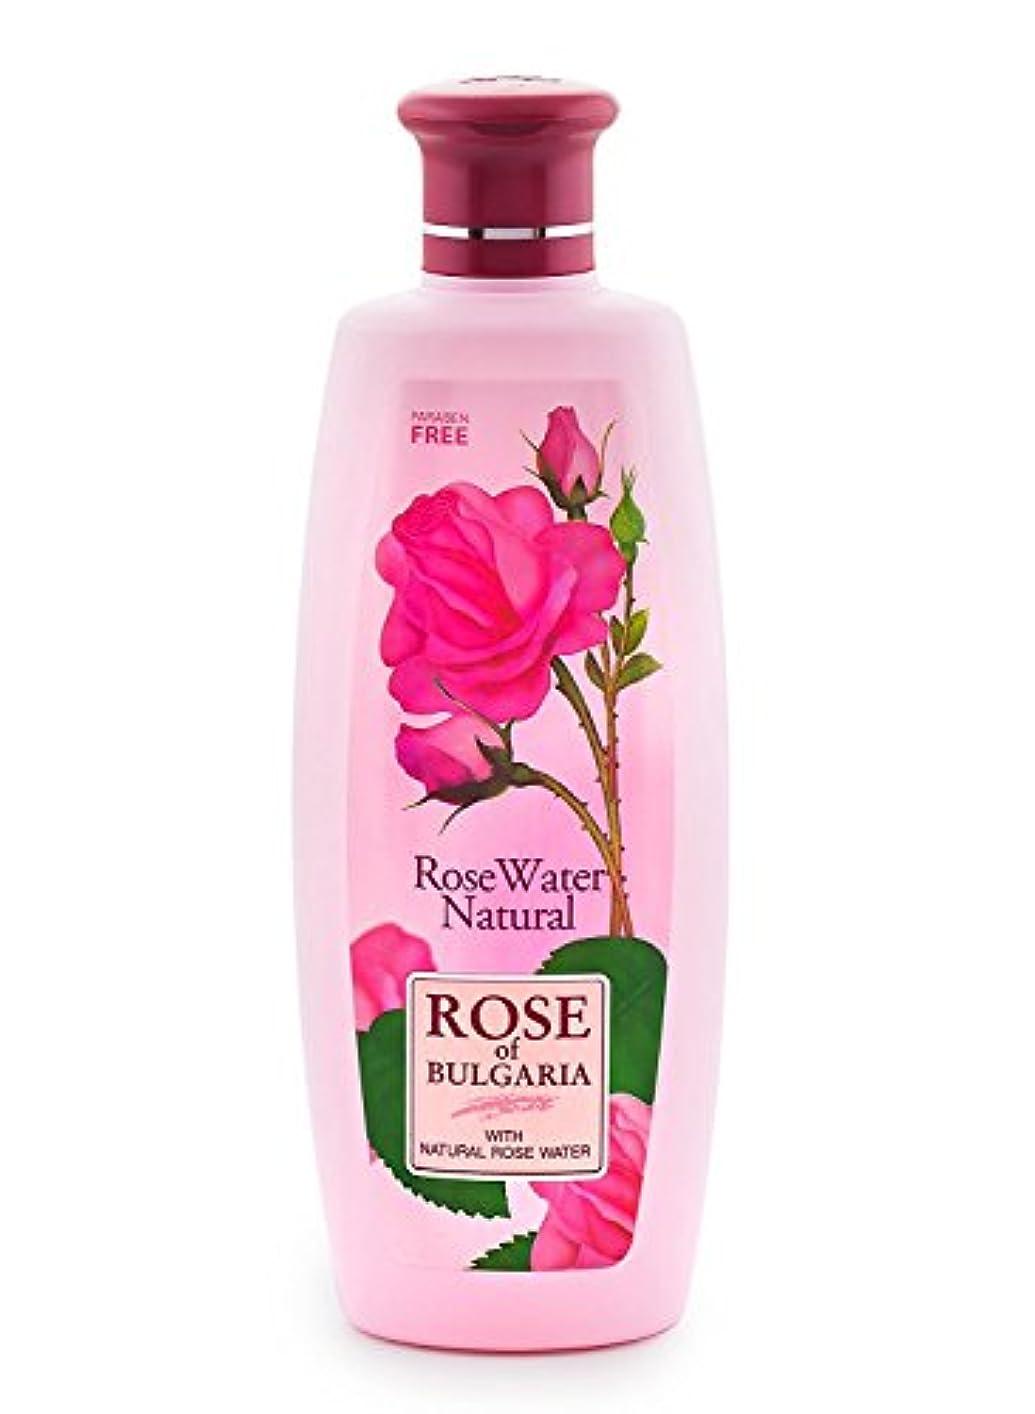 嫉妬贅沢クライアントズ オブ ブルガリア/Rose of Bulgaria/ローズ ウォーター ナチュラル スプレー 330ml